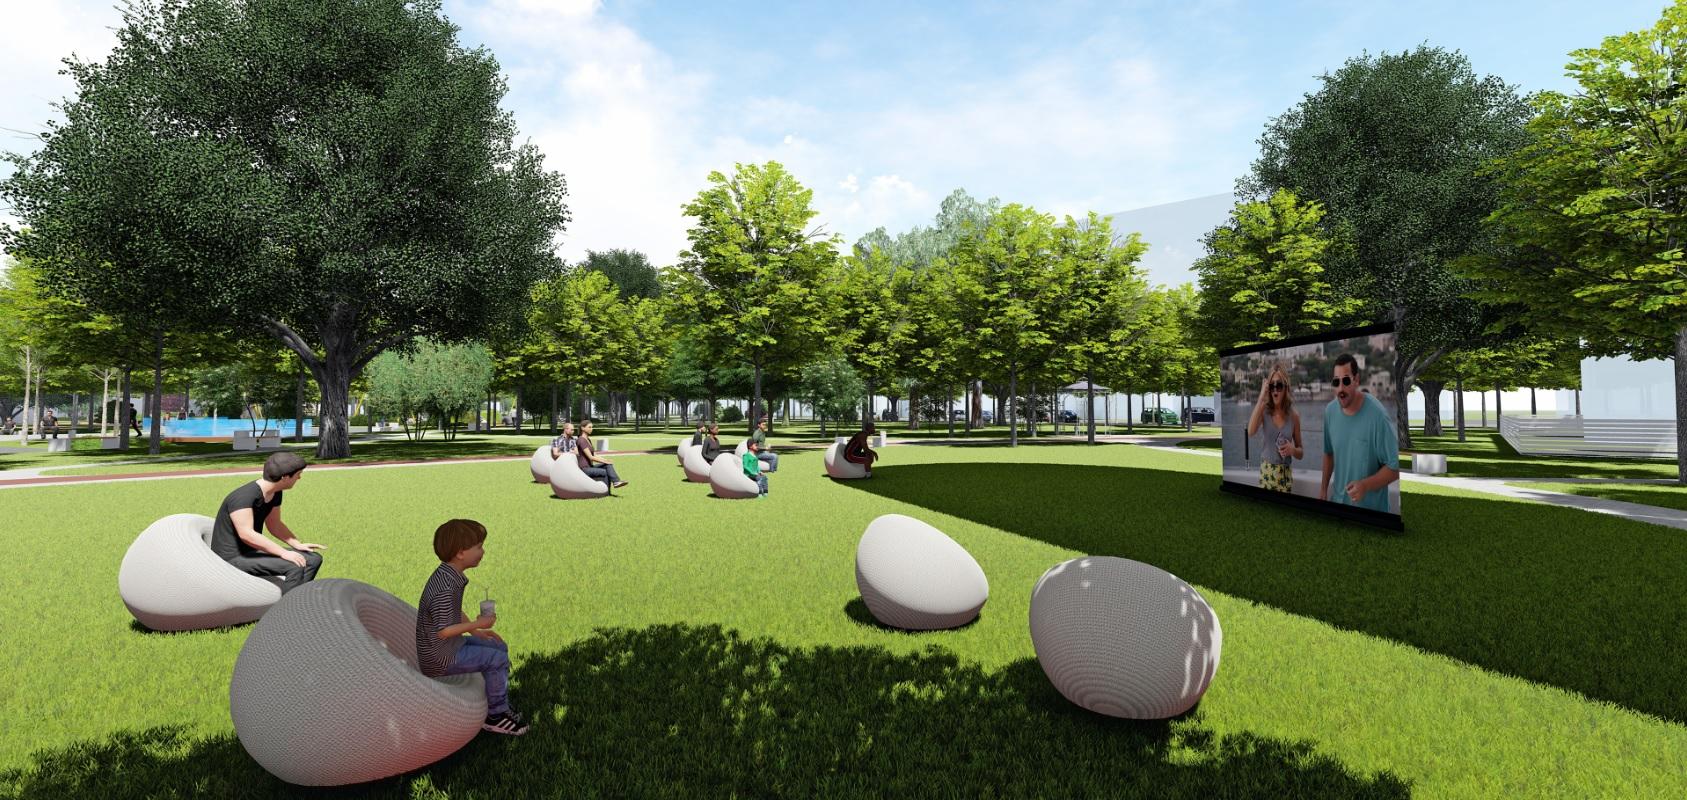 У Фастові оприлюднили проєкт реконструкції міського парку імені Гагаріна - Фастів, реконструкція, парк імені Гагаріна - Park11